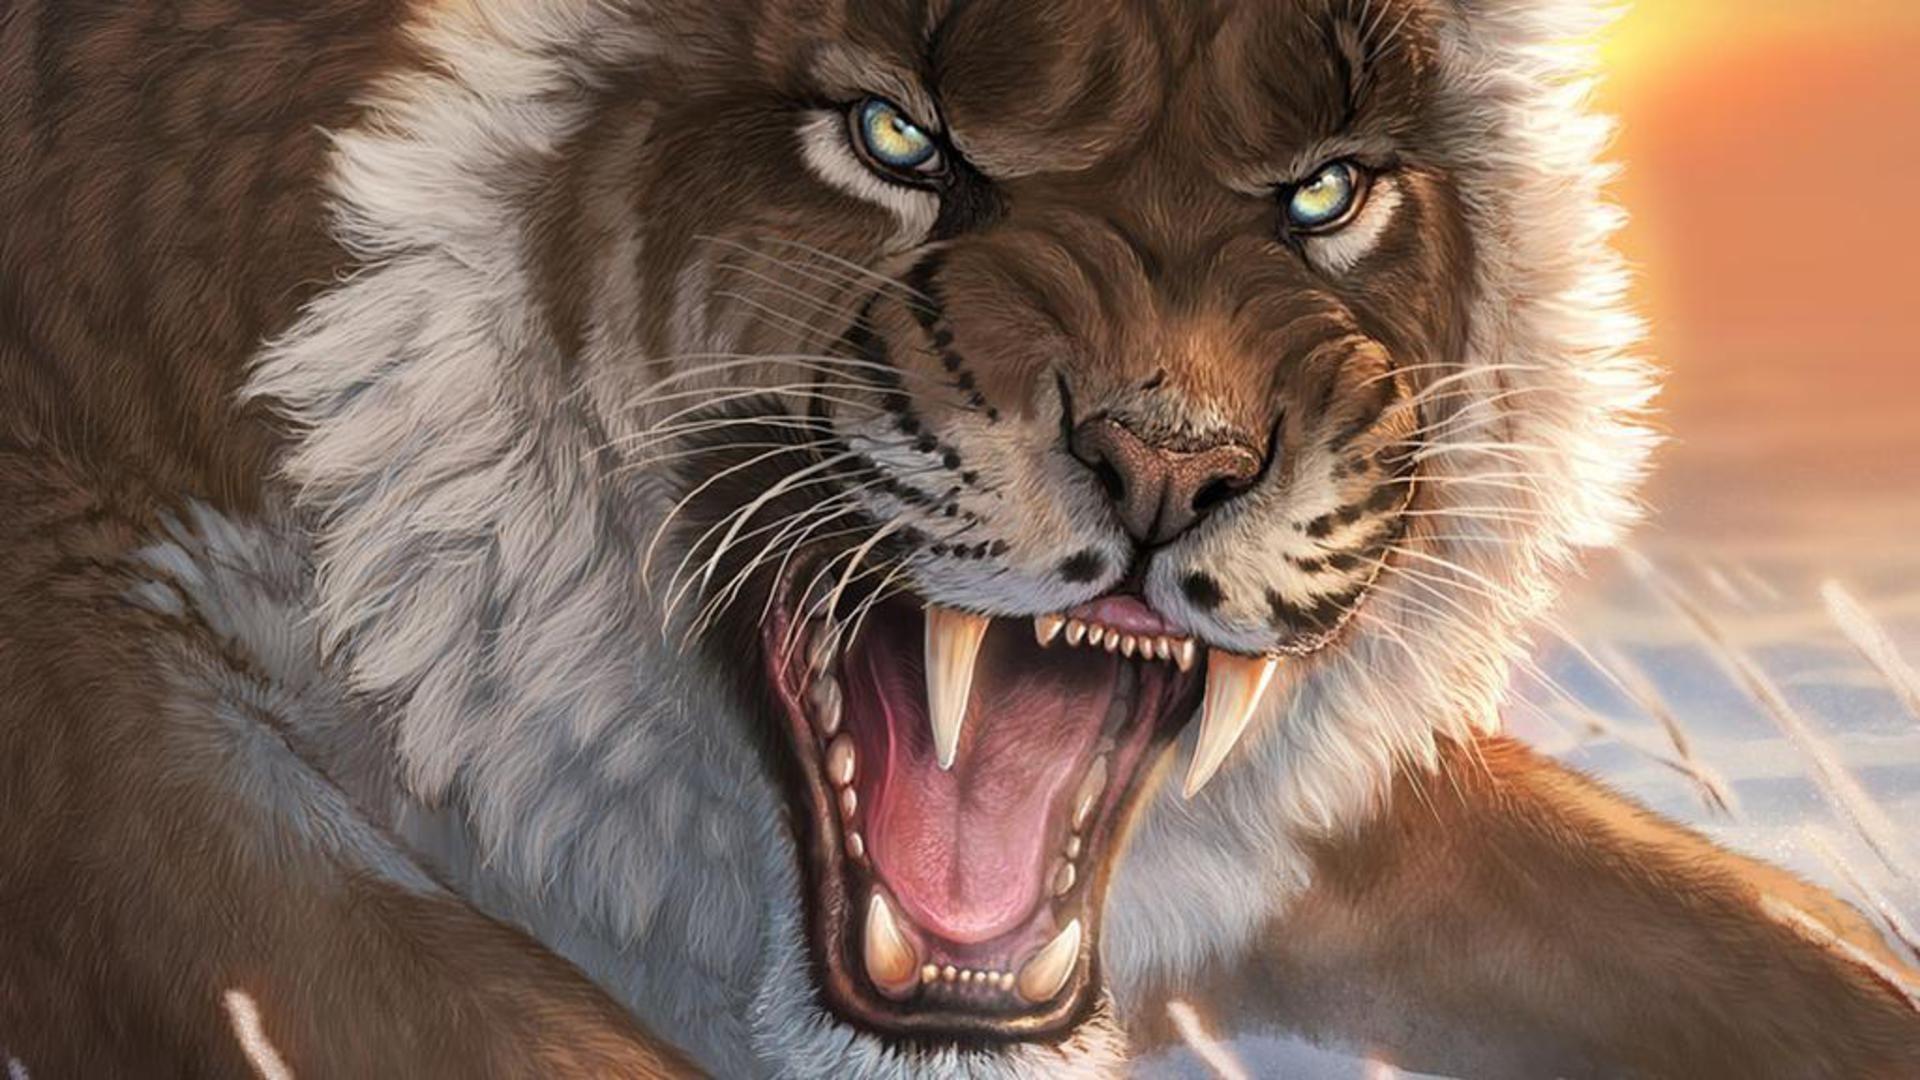 6d9a6683c Saber tooth tiger pics wallpaper 3d hd picture design free ...